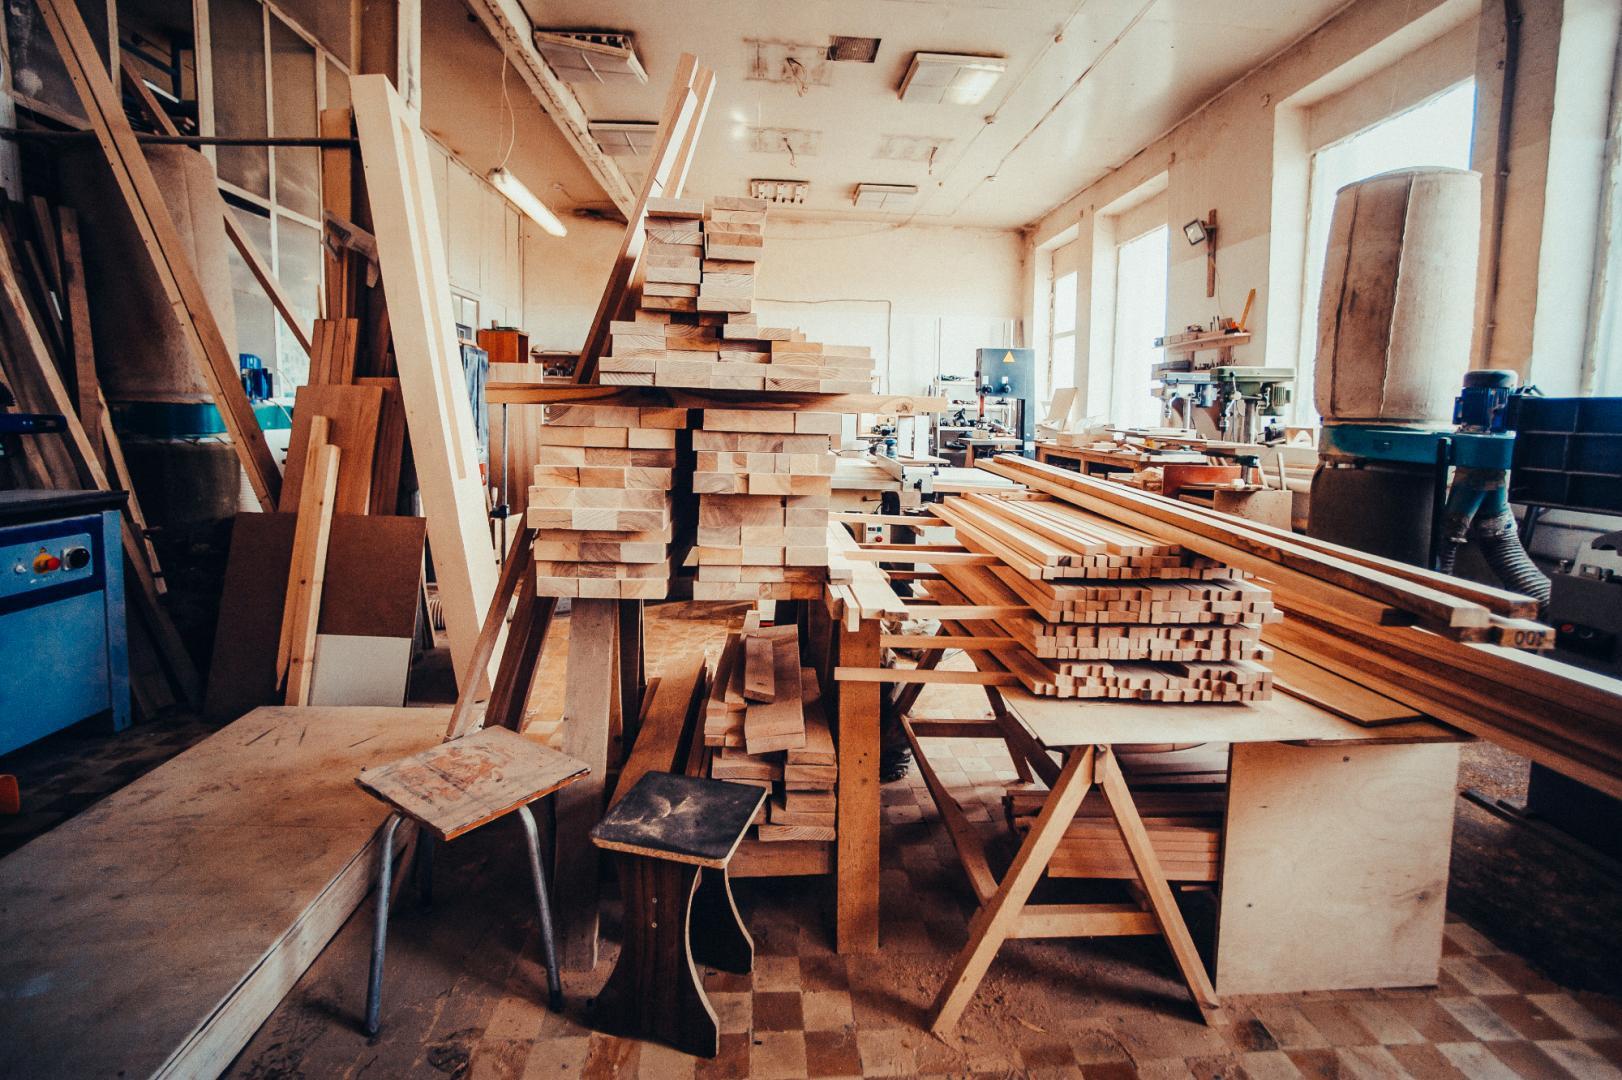 Maxwood Luxembourg Specialiste Construction Bois Montage Maison Unifamiliale Bois Job, MaxWood | Construction en bois